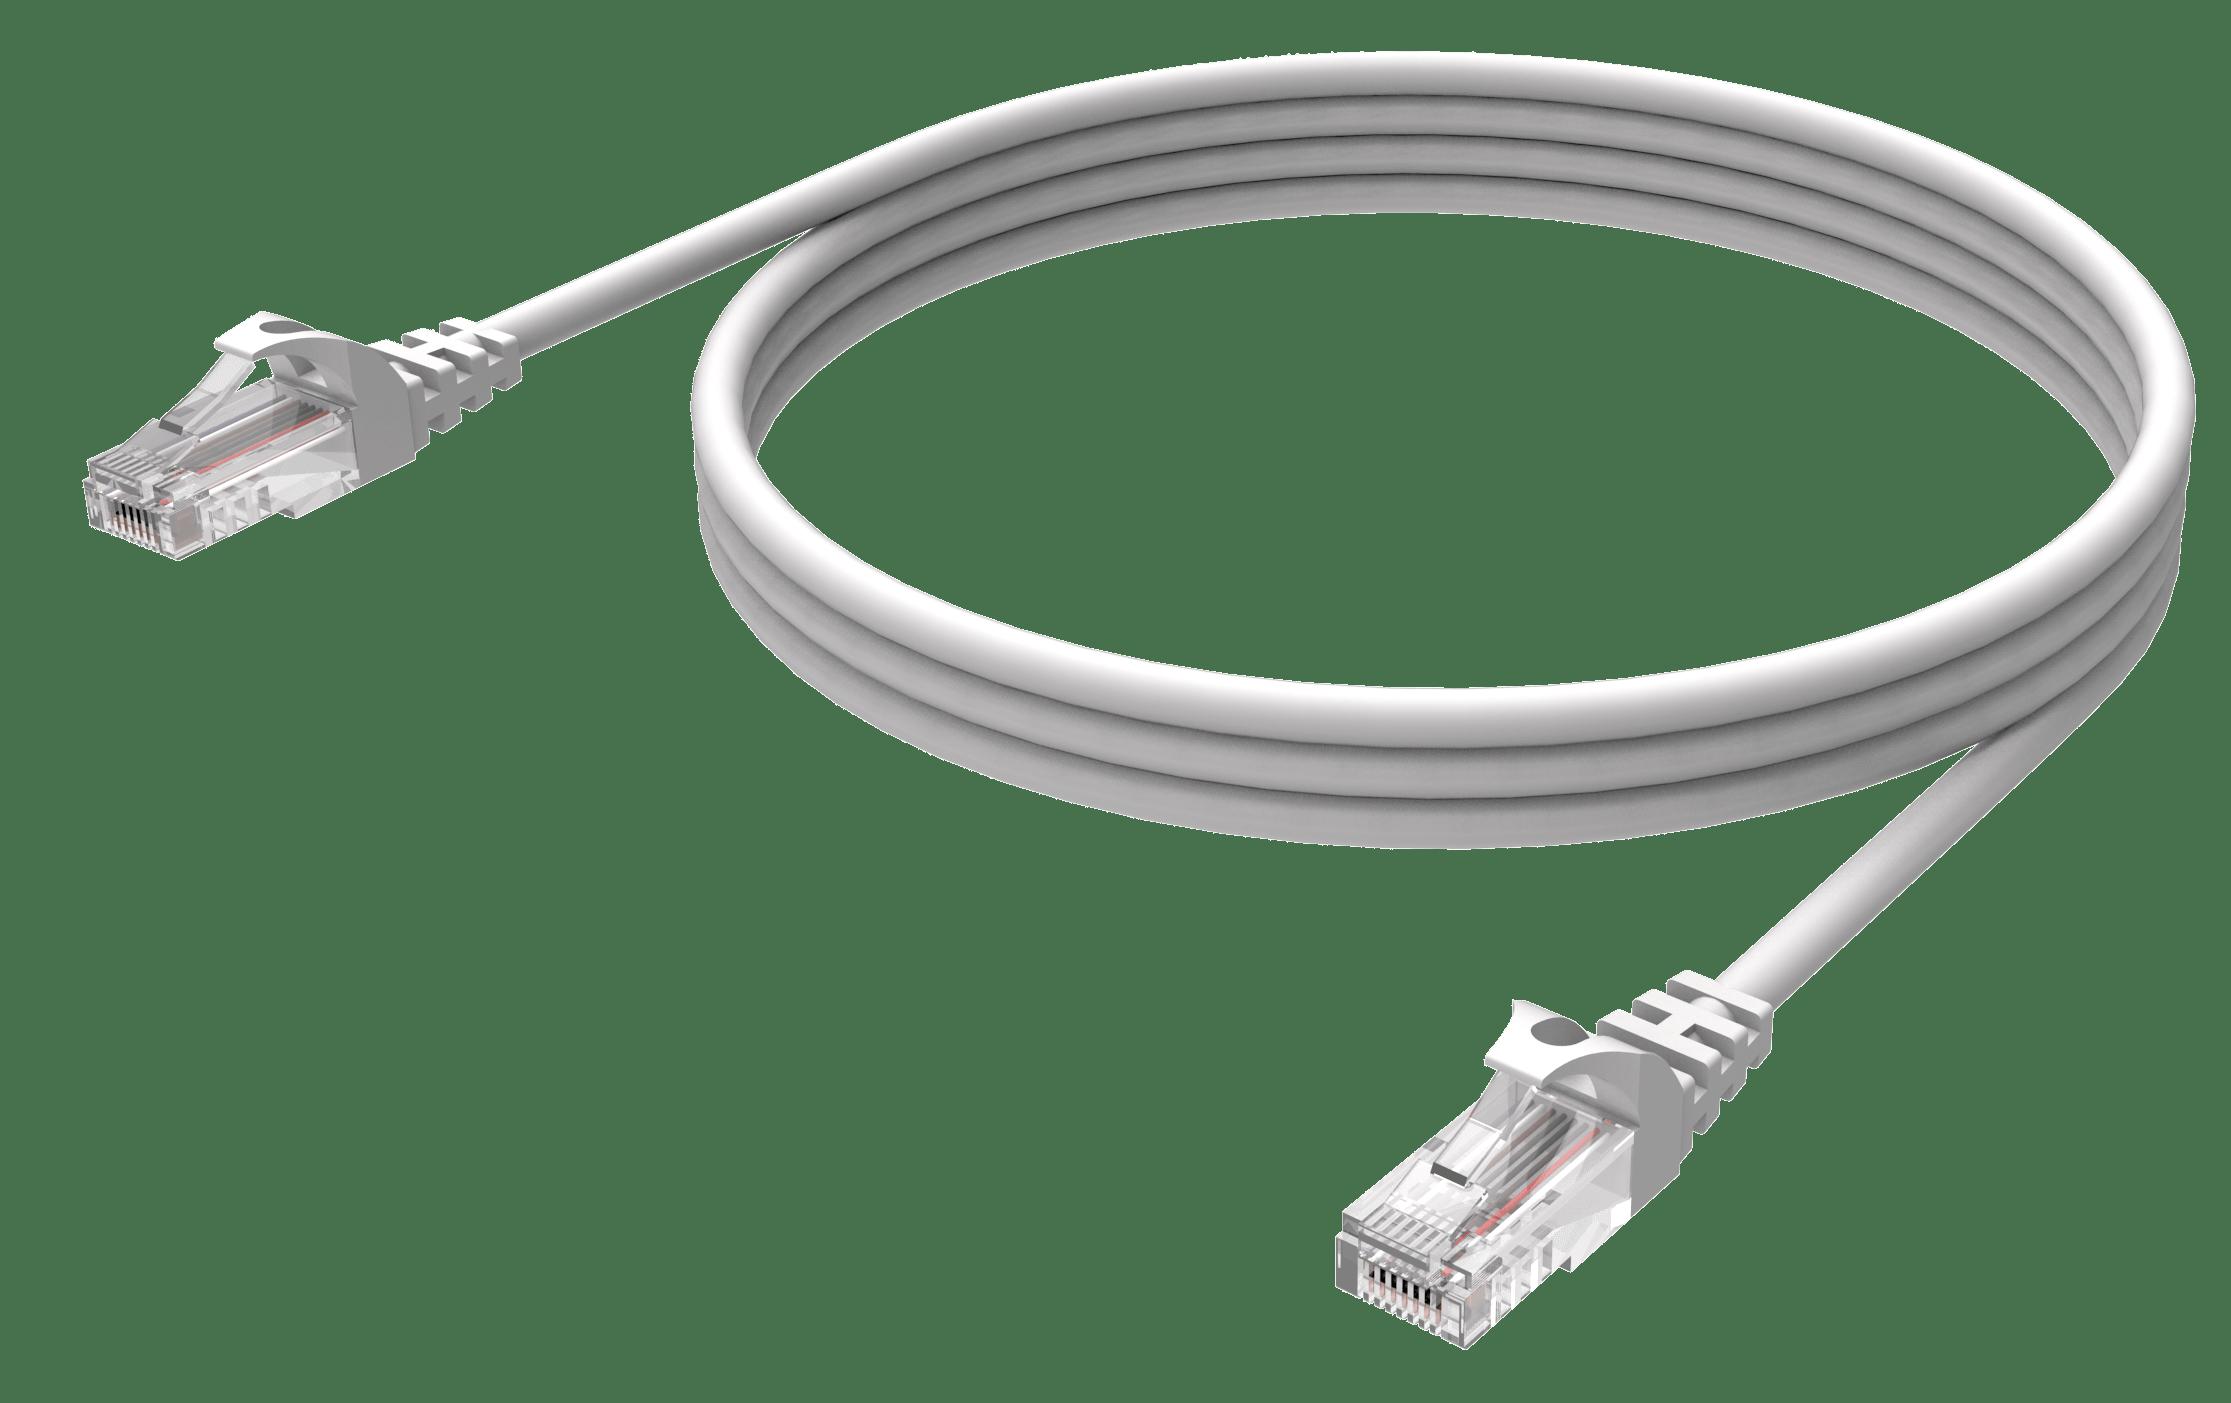 wiring lan cable